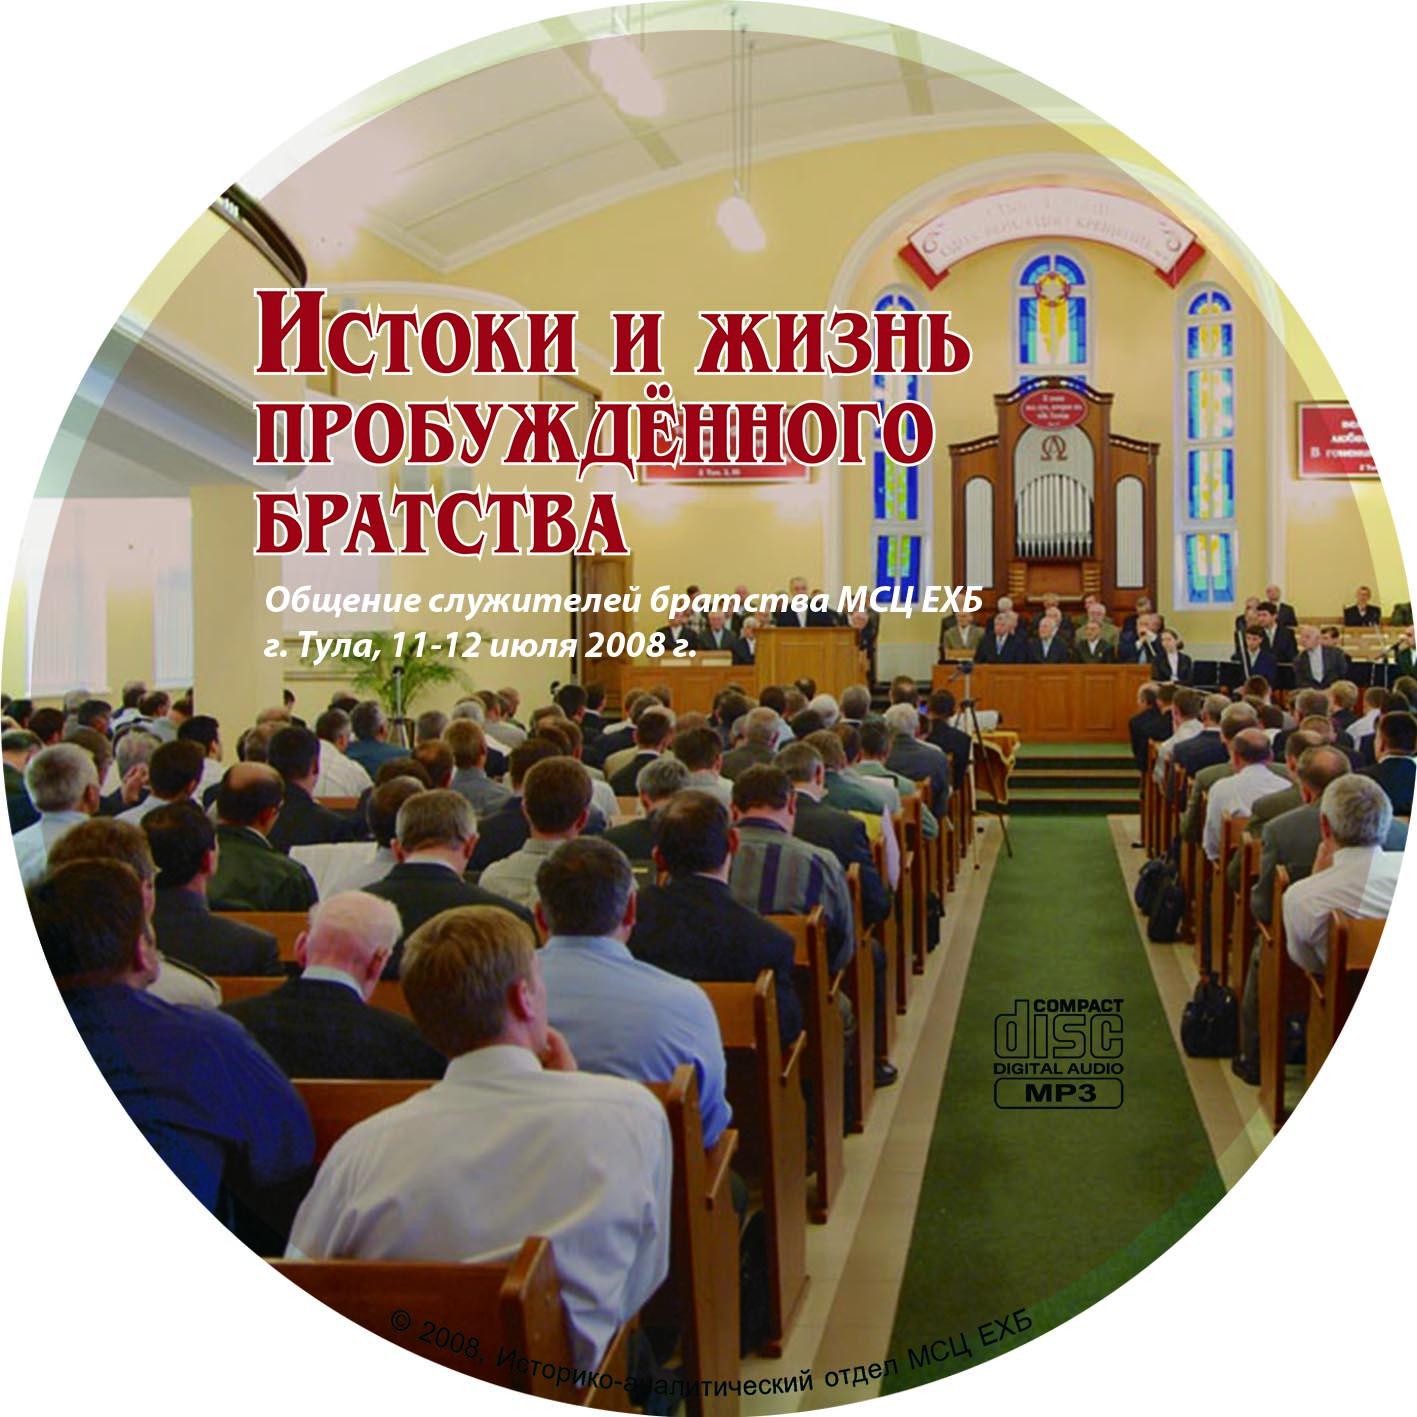 Истоки и жизнь пробужденного братства. Общение служителей братства МСЦ ЕХБ (г. Тула, 11-12 июля 2008 г.)